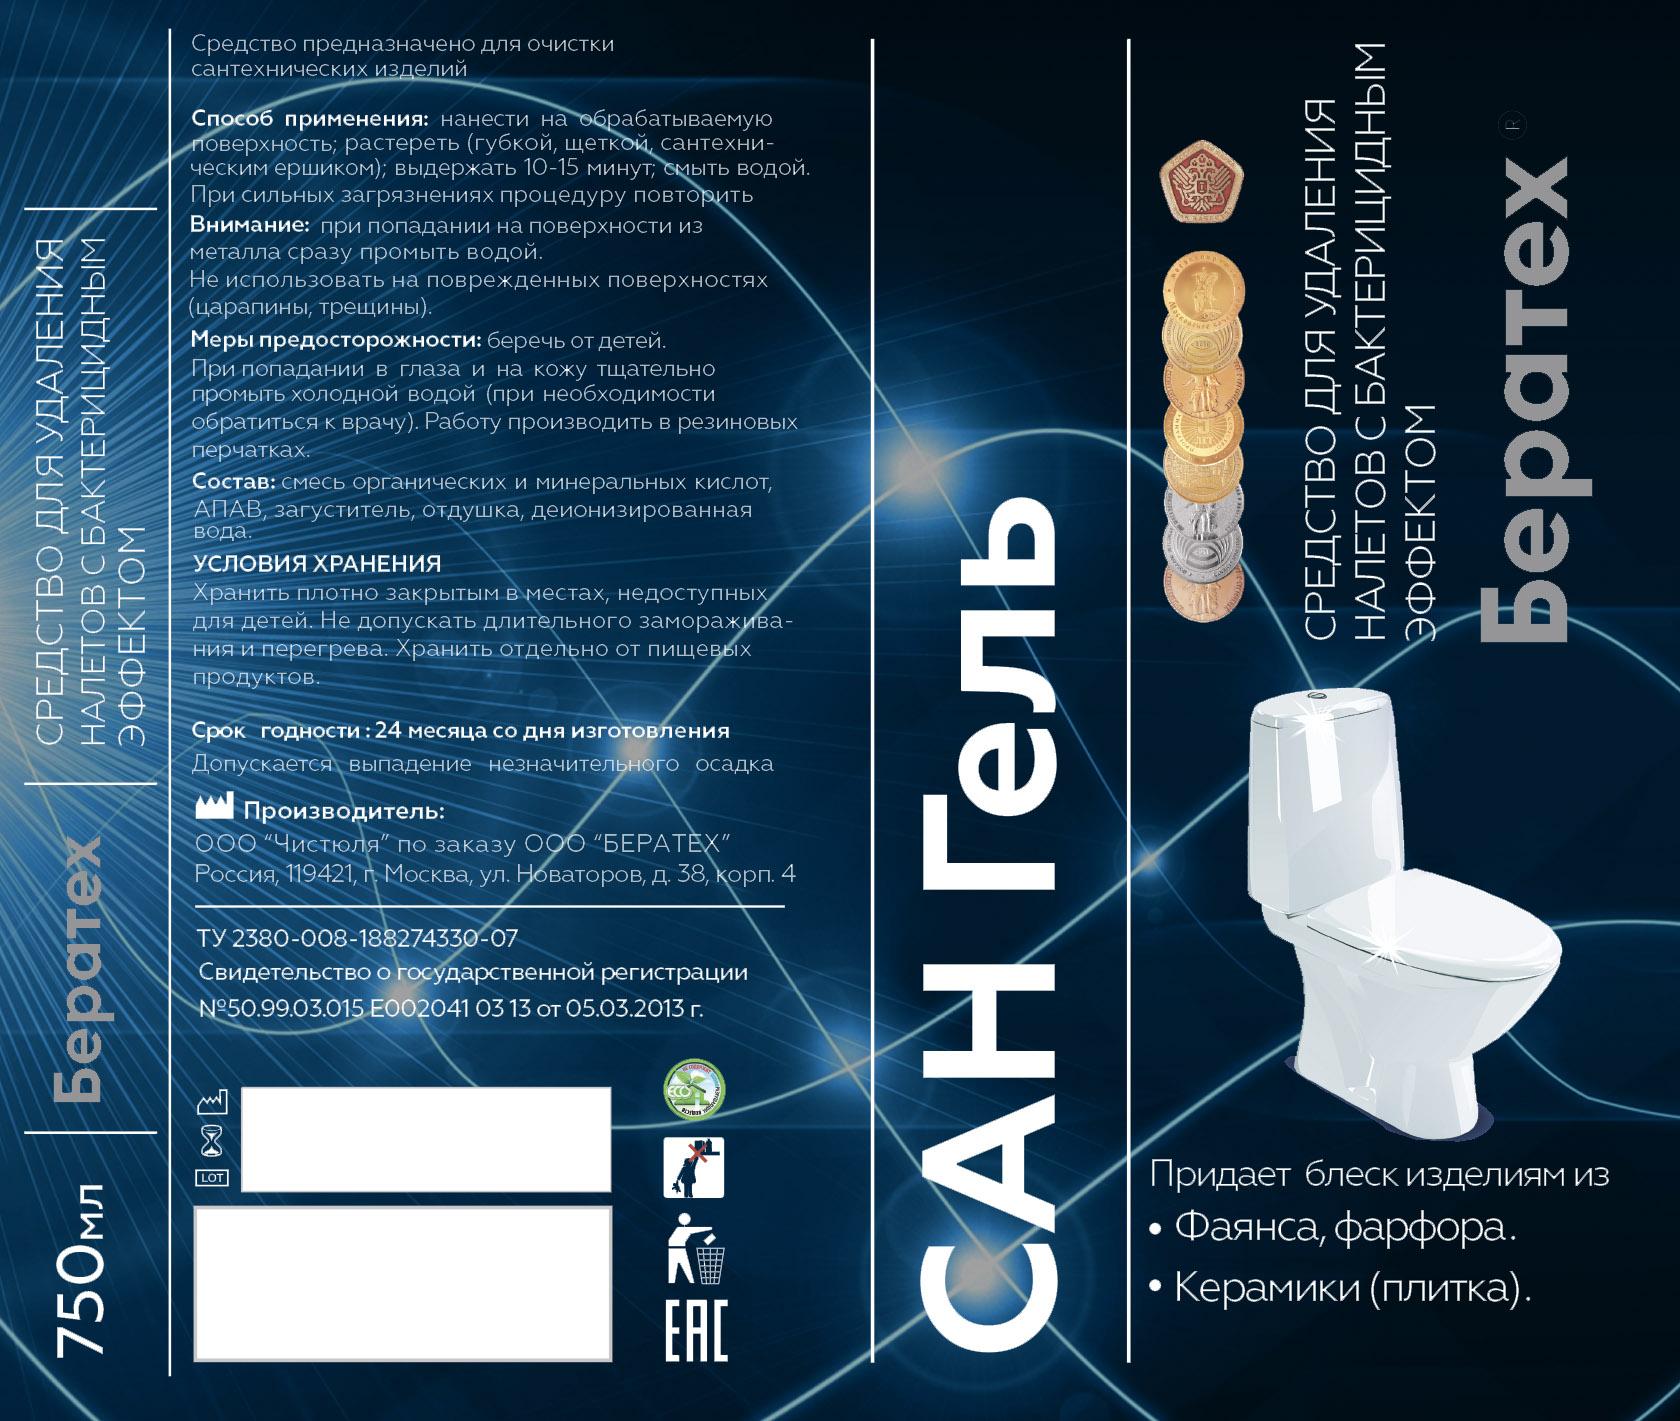 Дизайн этикеток для бытовой химии фото f_7935a5884fe05cce.jpg